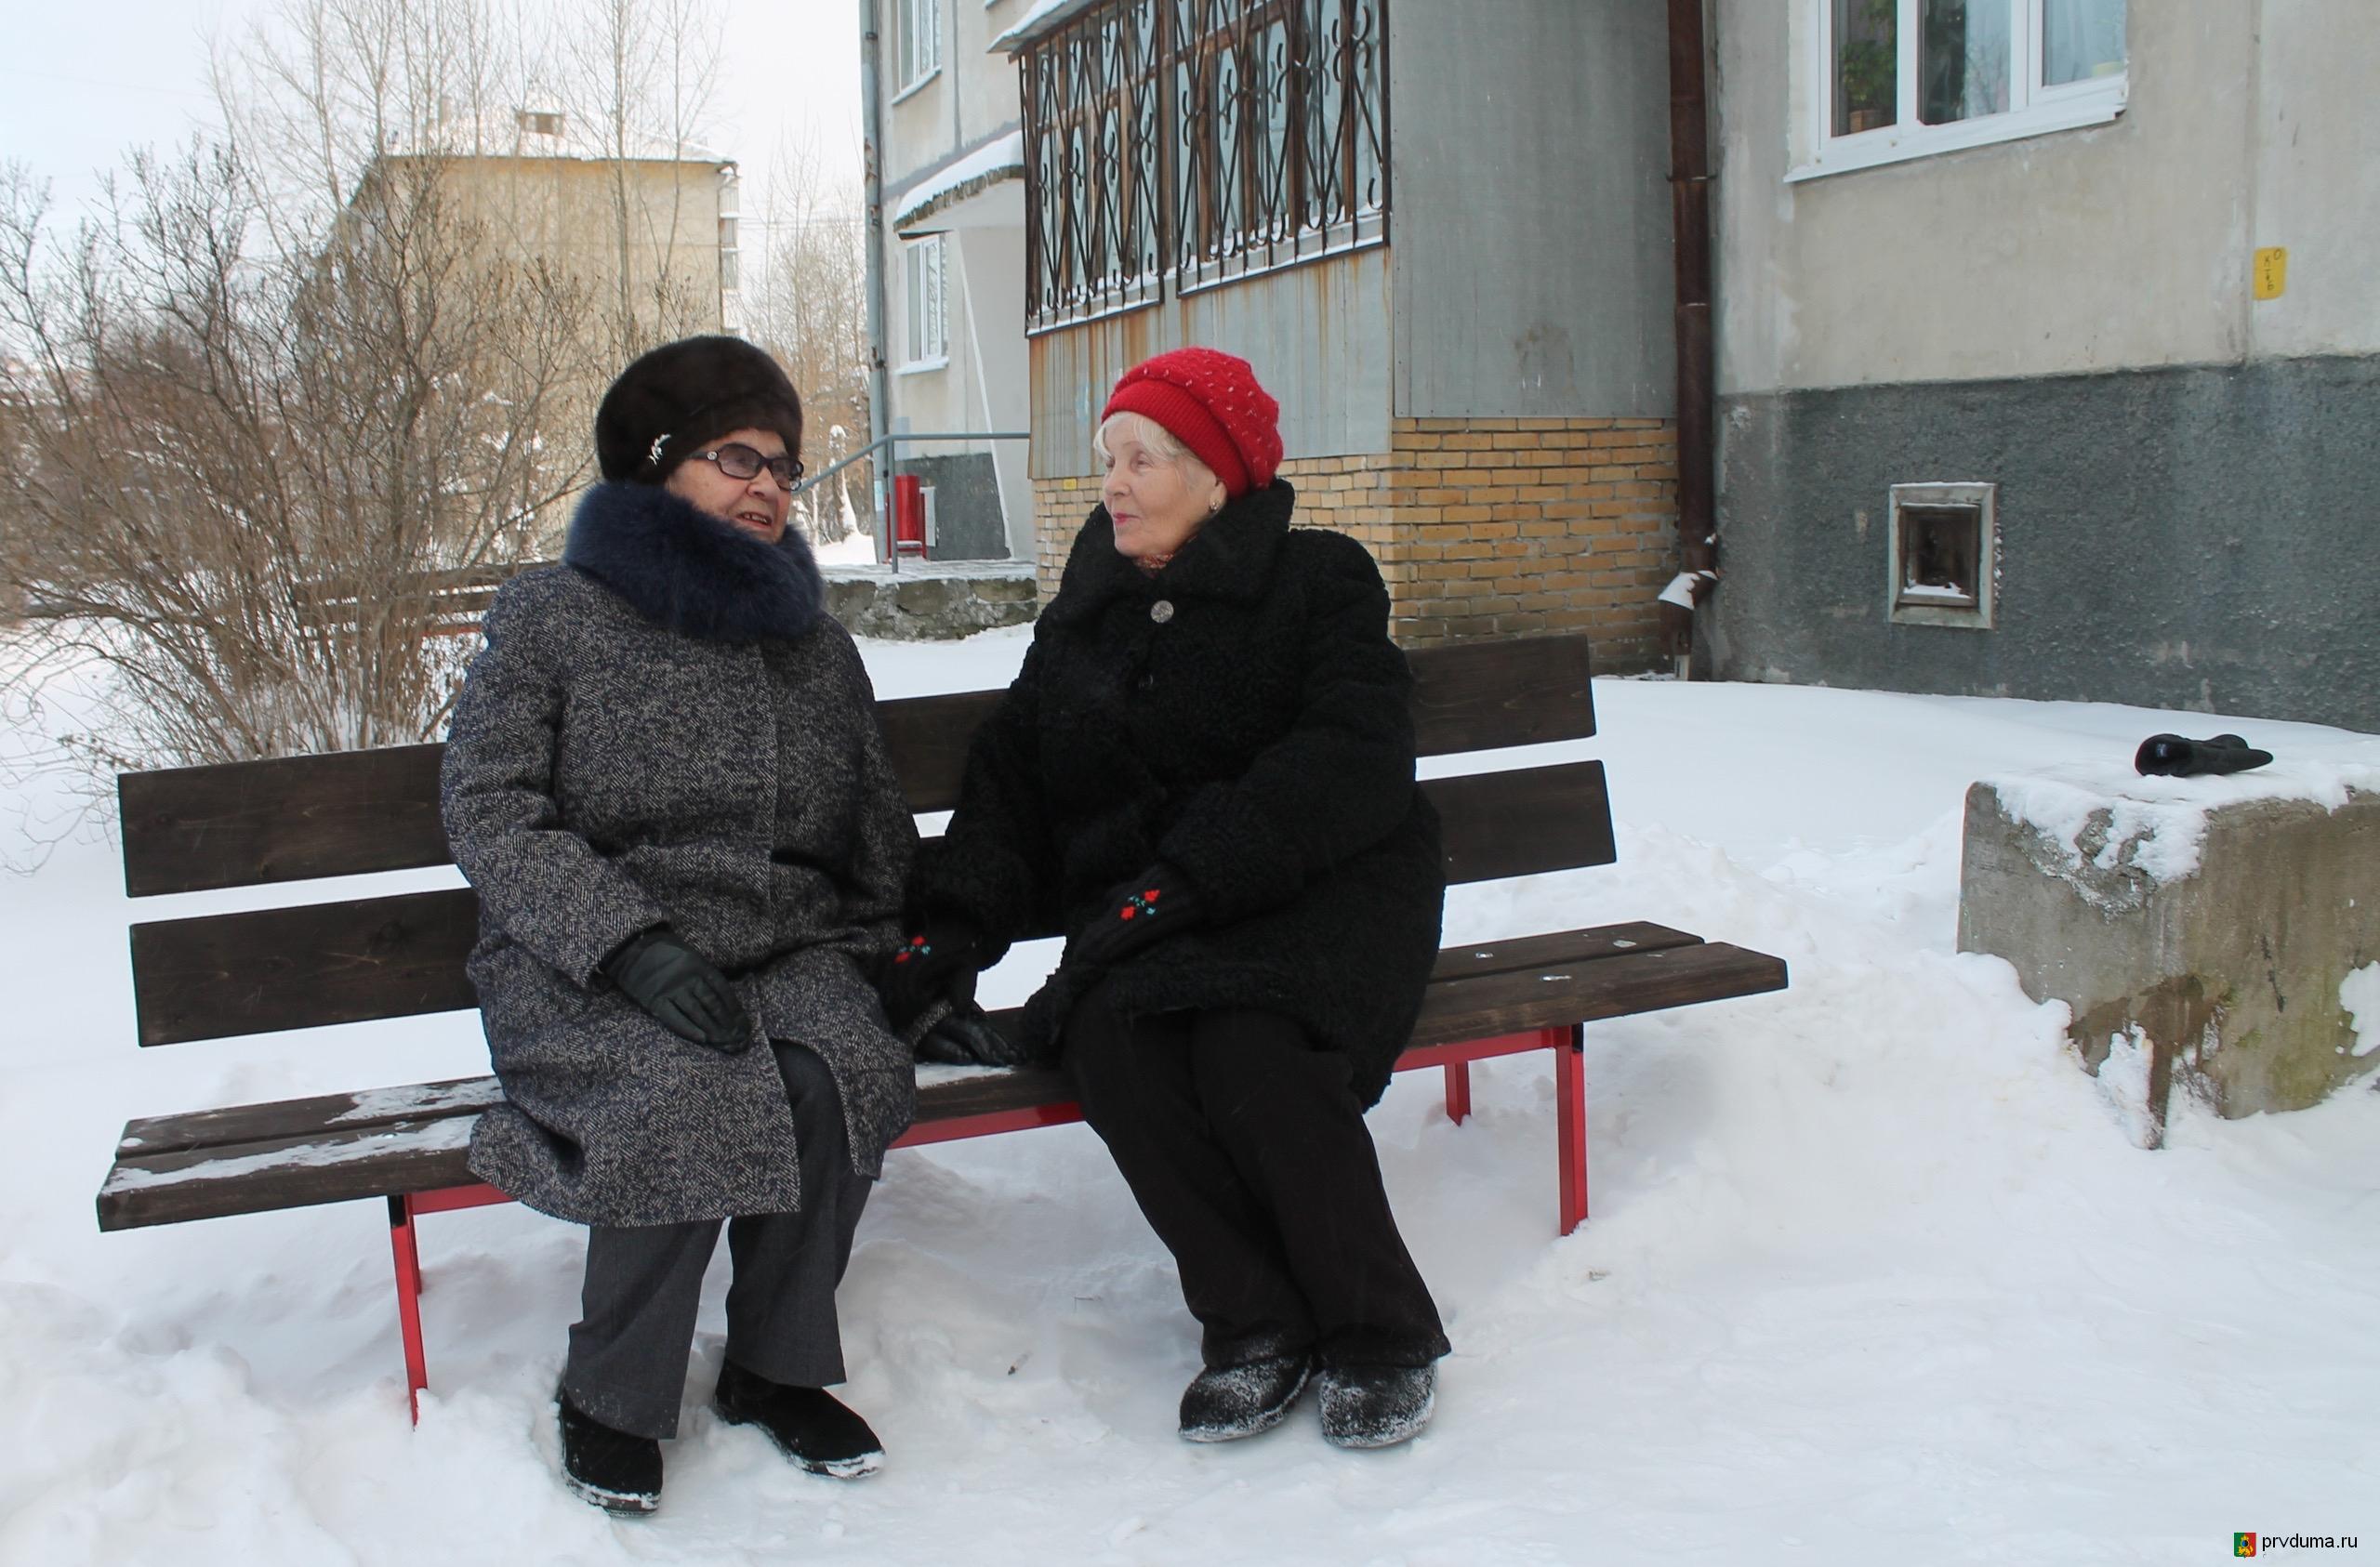 Юрий Прохоров организовал установку скамеек у подъездов многоквартирного дома